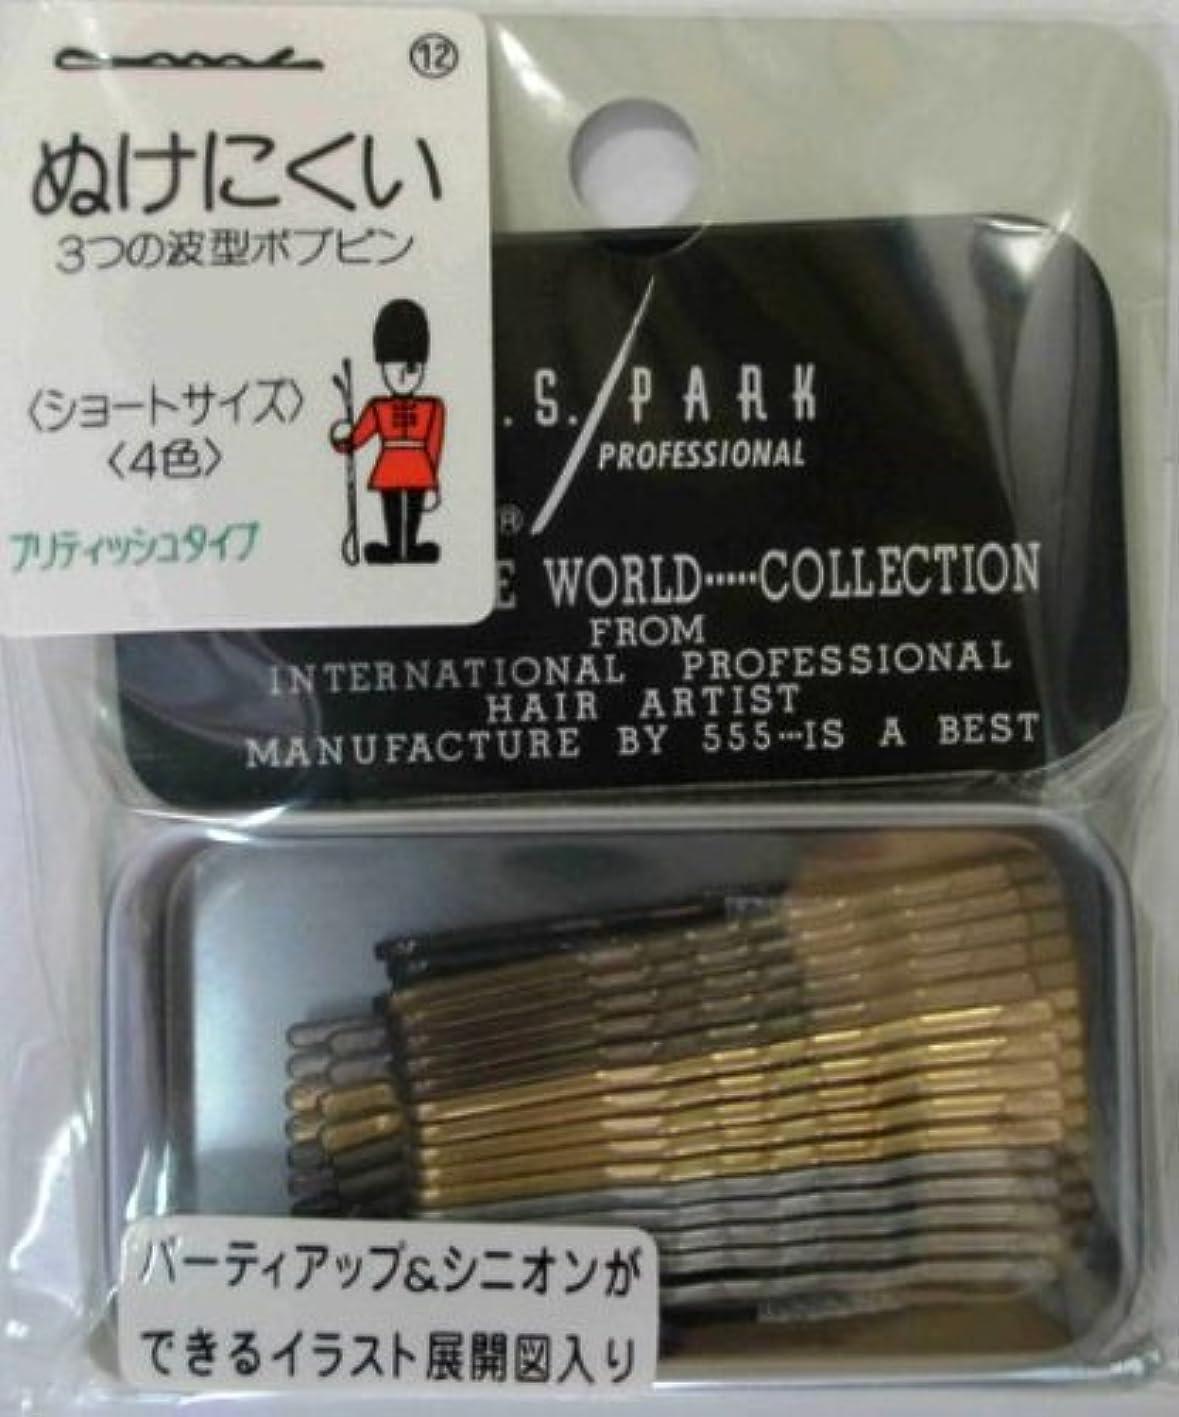 モデレータ増強する差し控えるY.S.PARK世界のヘアピンコレクションNo.12(ショートサイズ?4色)ブリティッシュタイプ43P